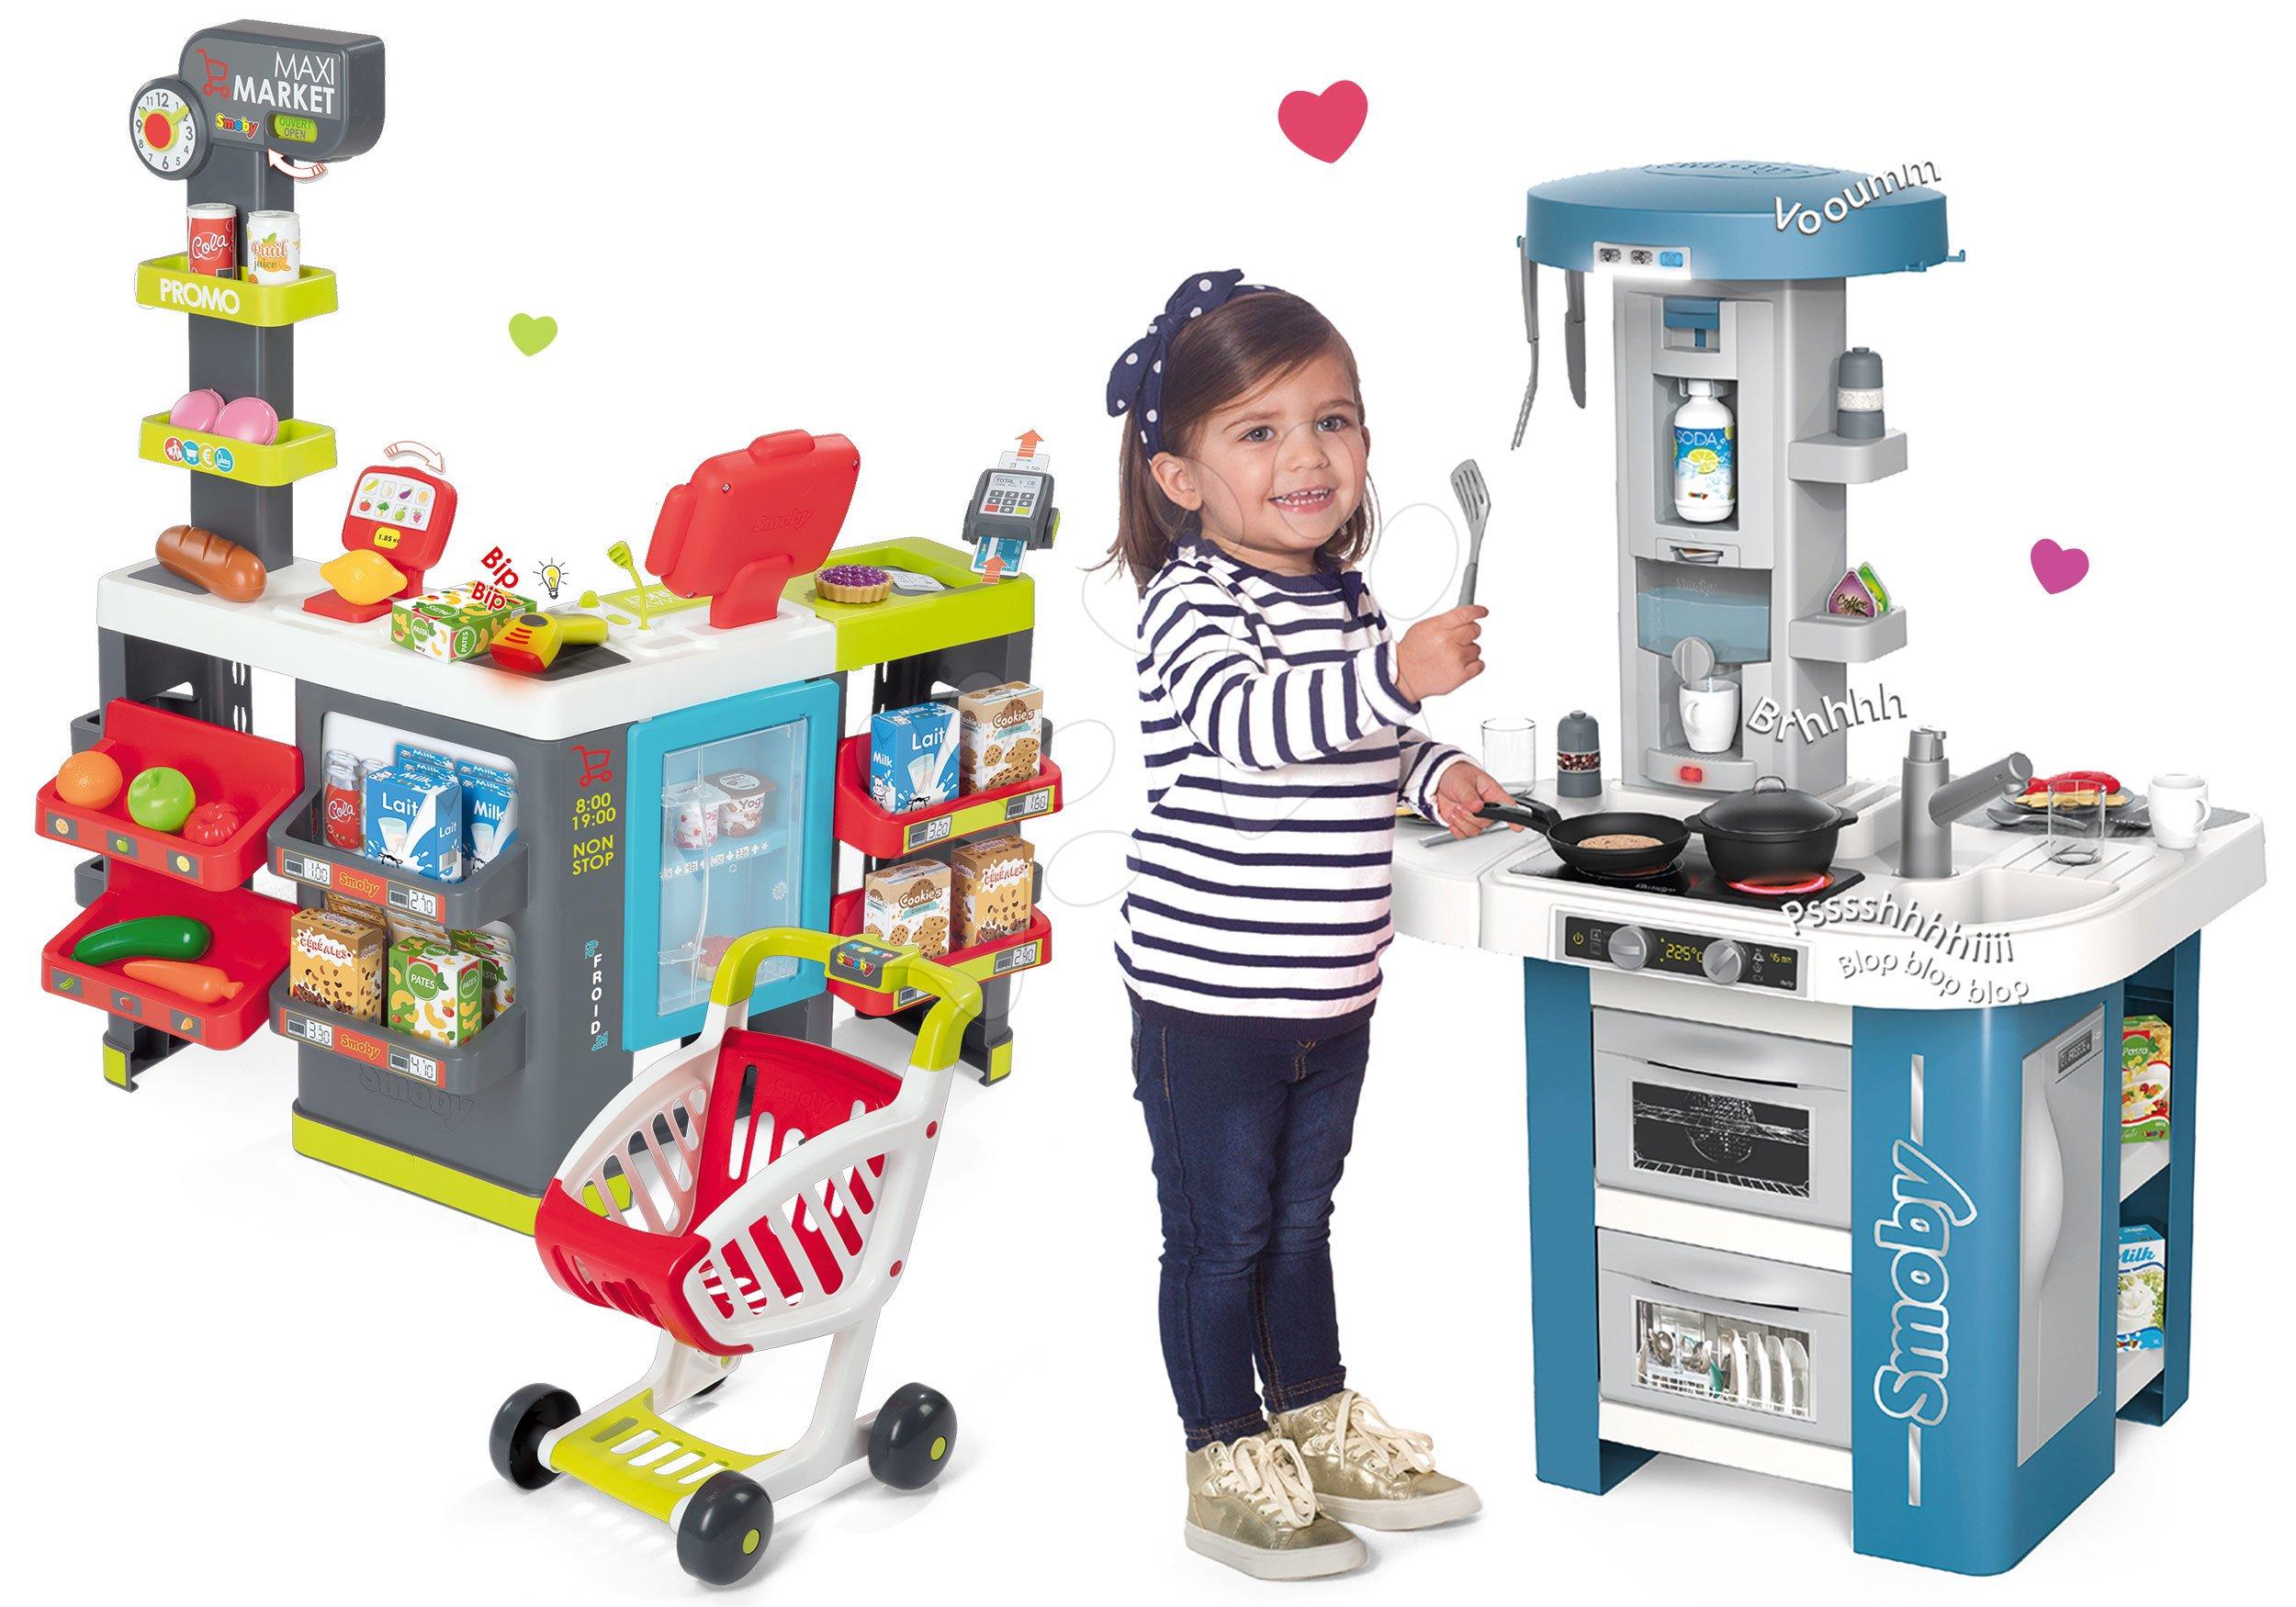 Set kuchyňka s technickým vybavením Tech Edition Smoby elektronická se supermarketem Maxi Market a chladicím boxem